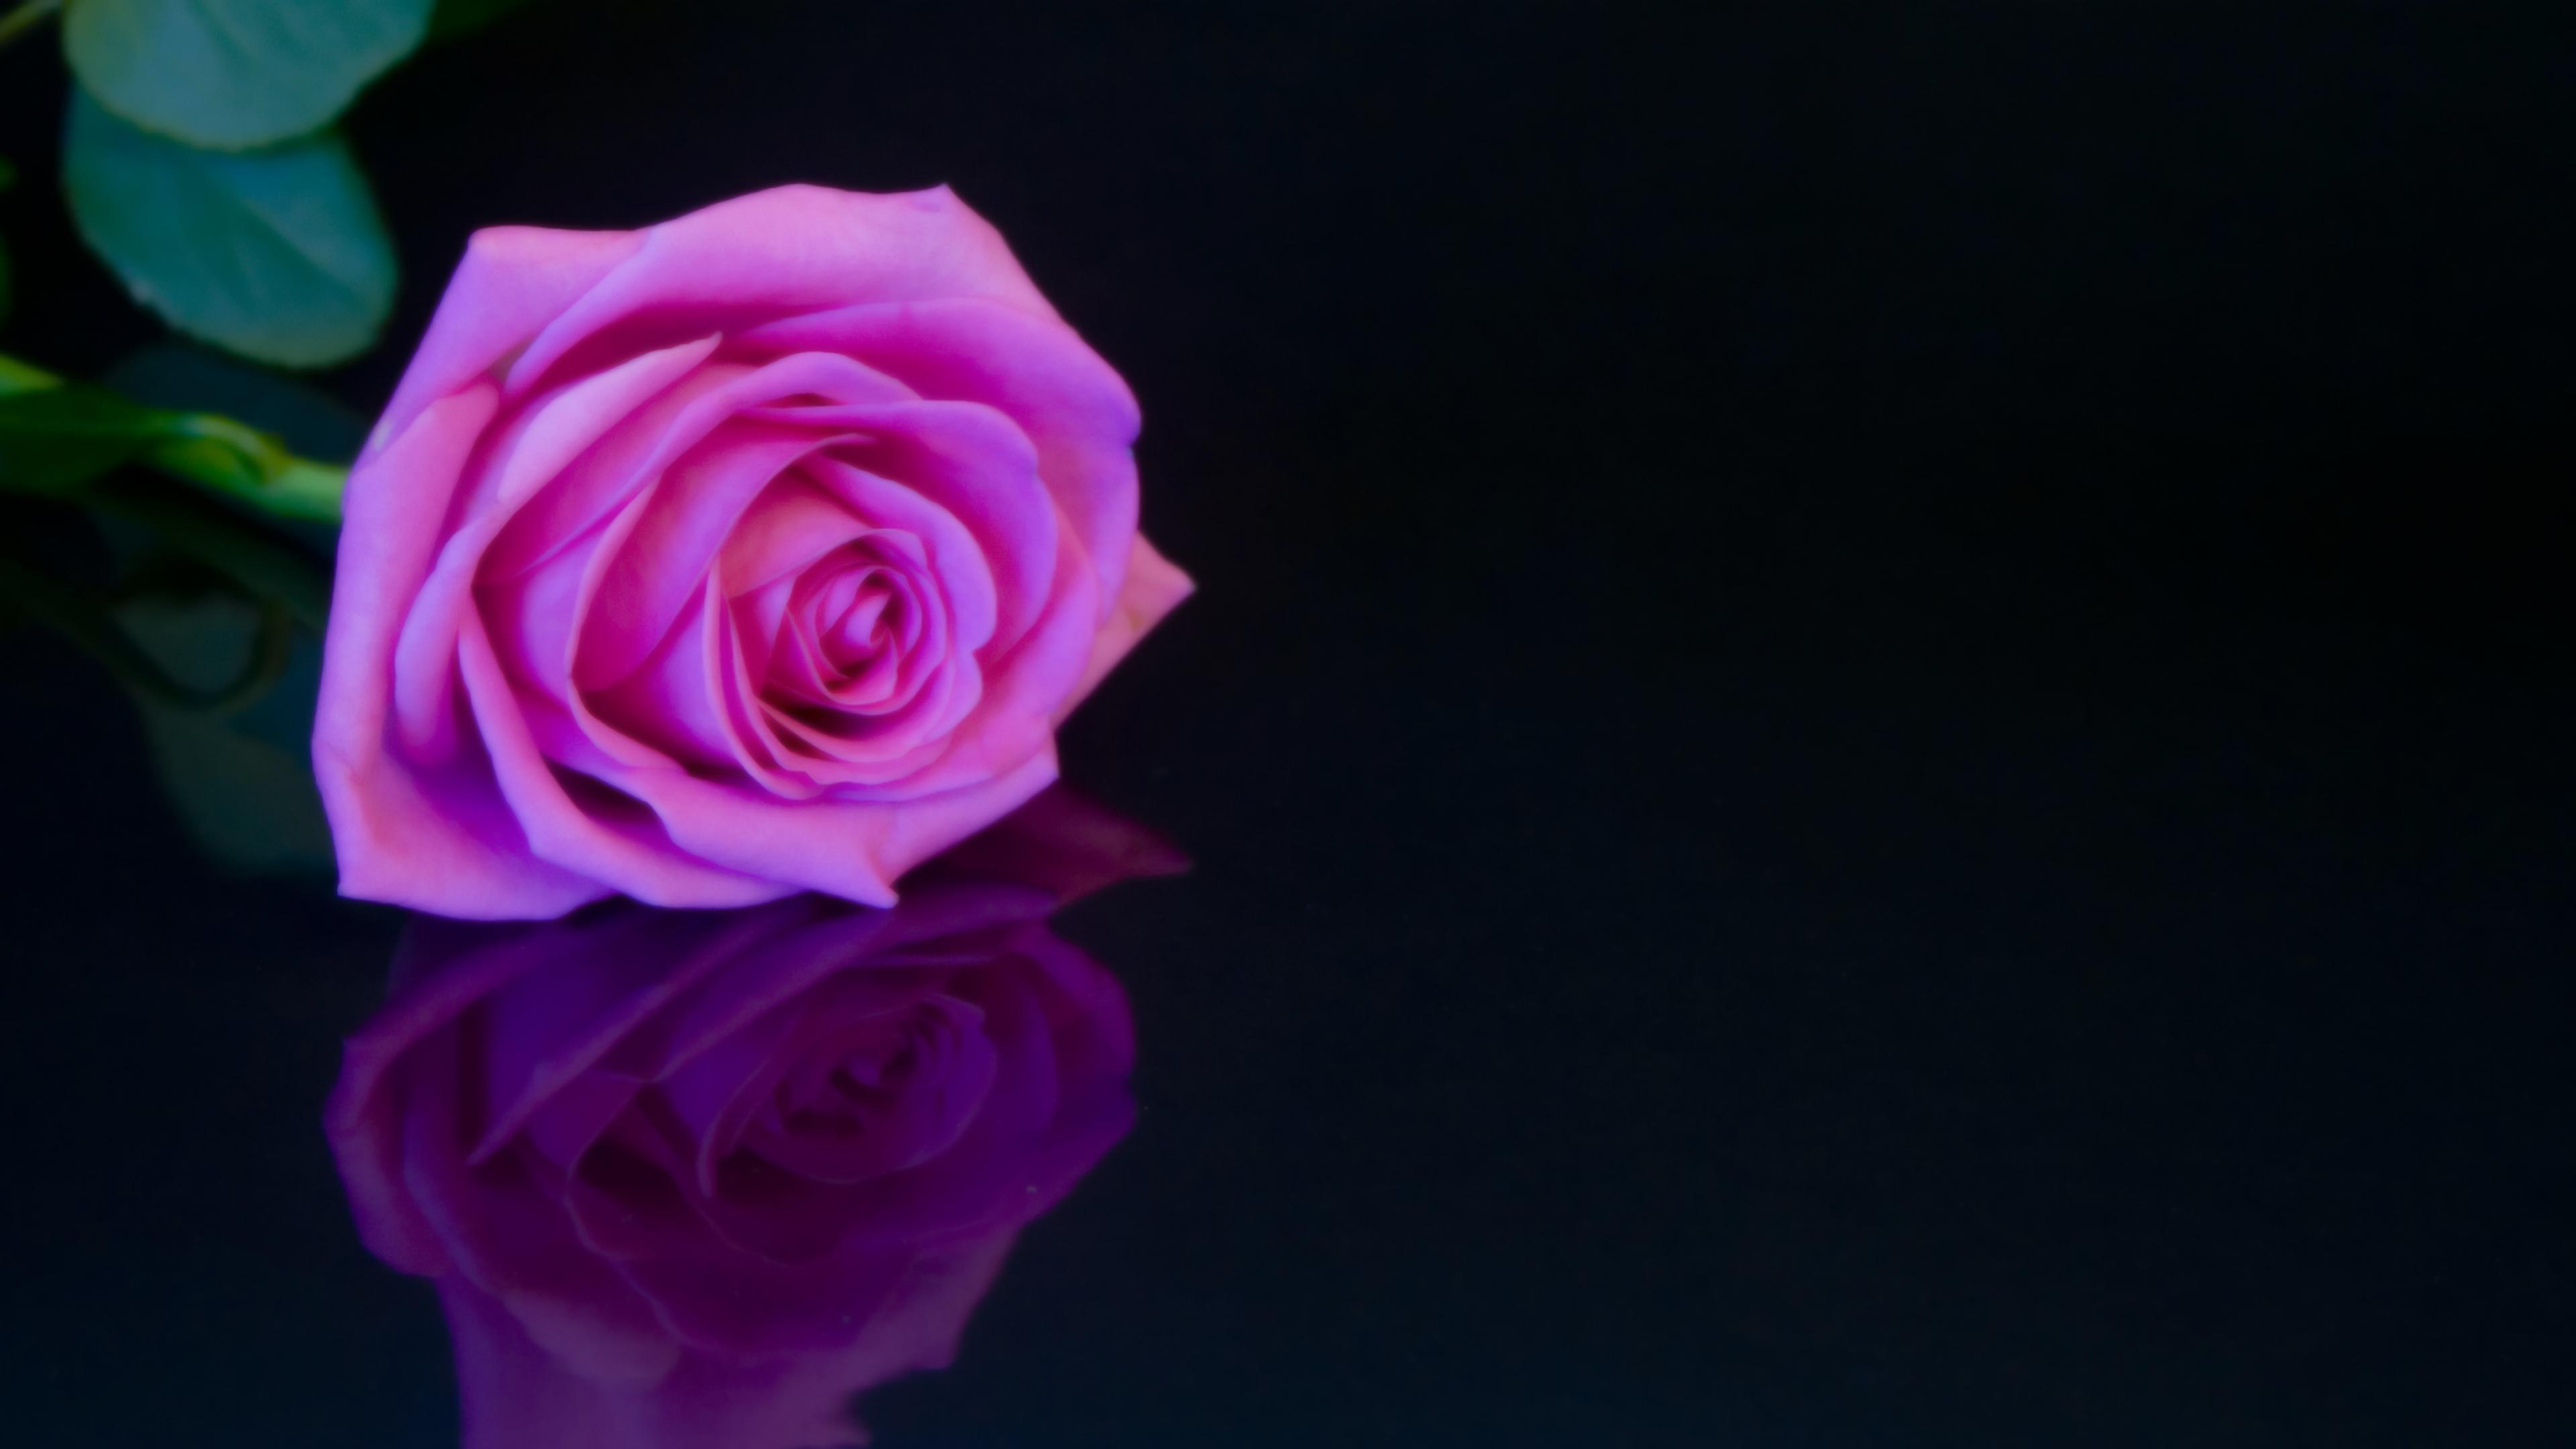 Hình ảnh mẫu background hoa hồng